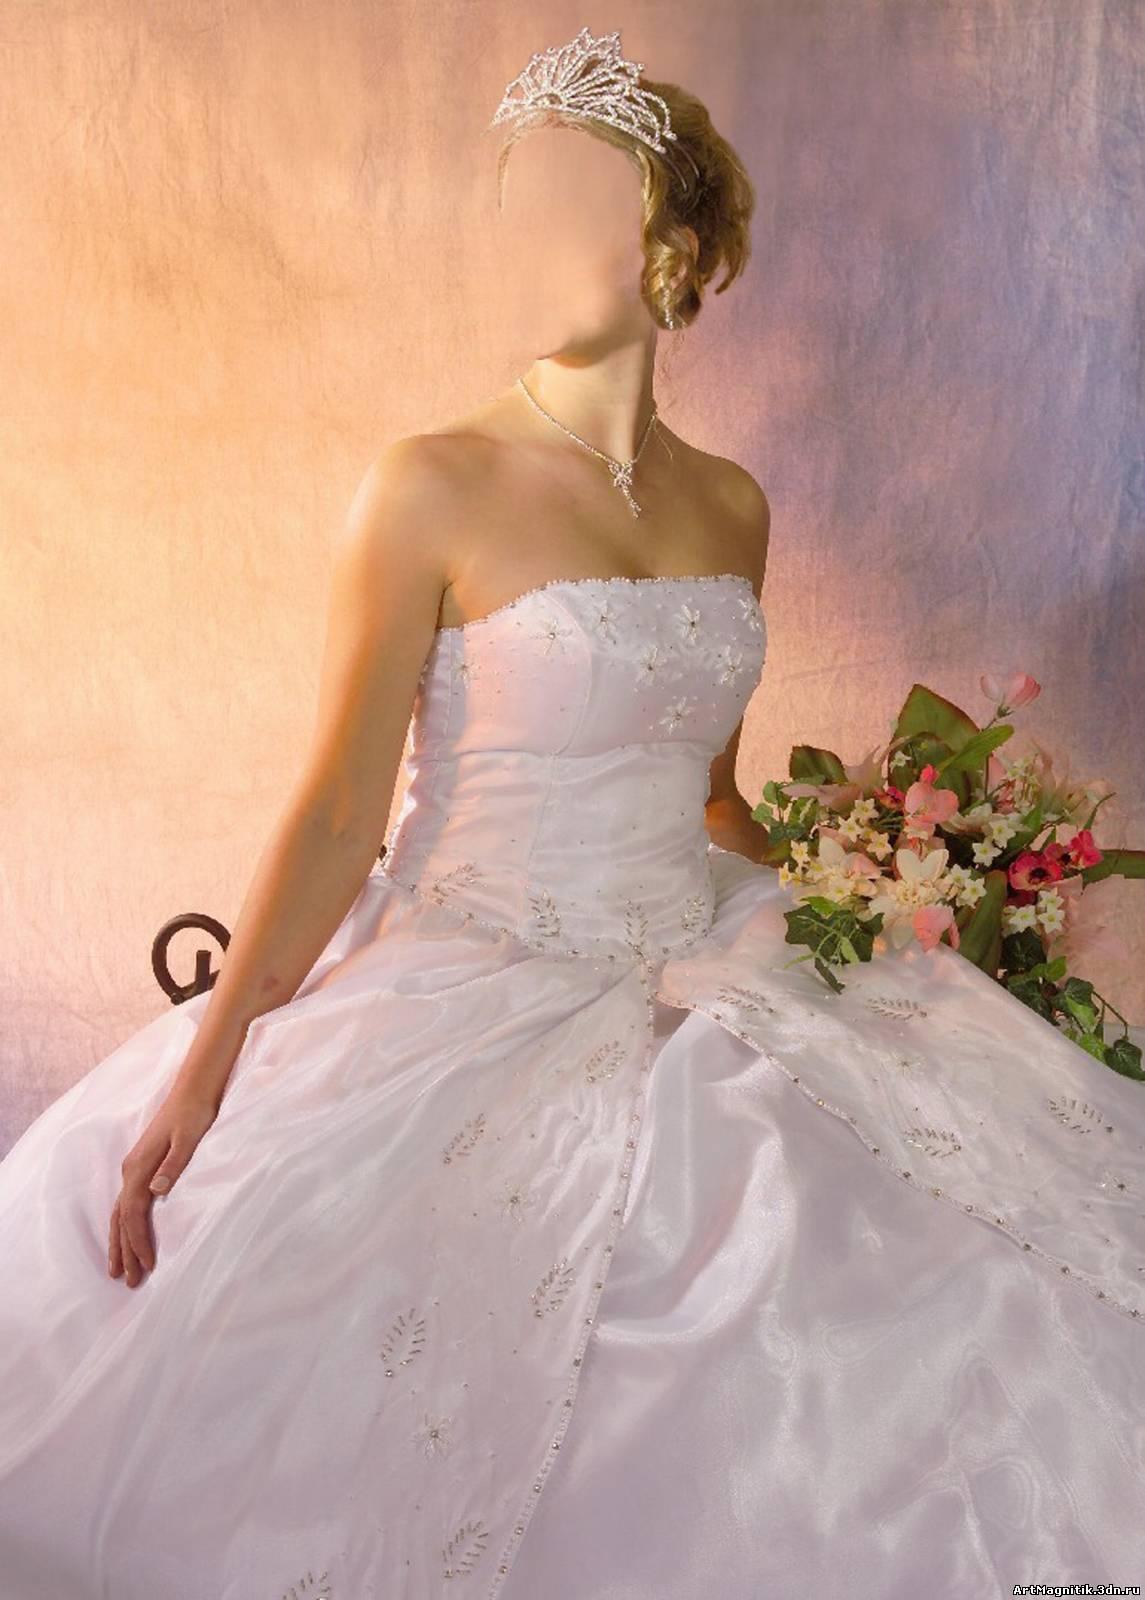 Вставить свое лицо онлайн в платье